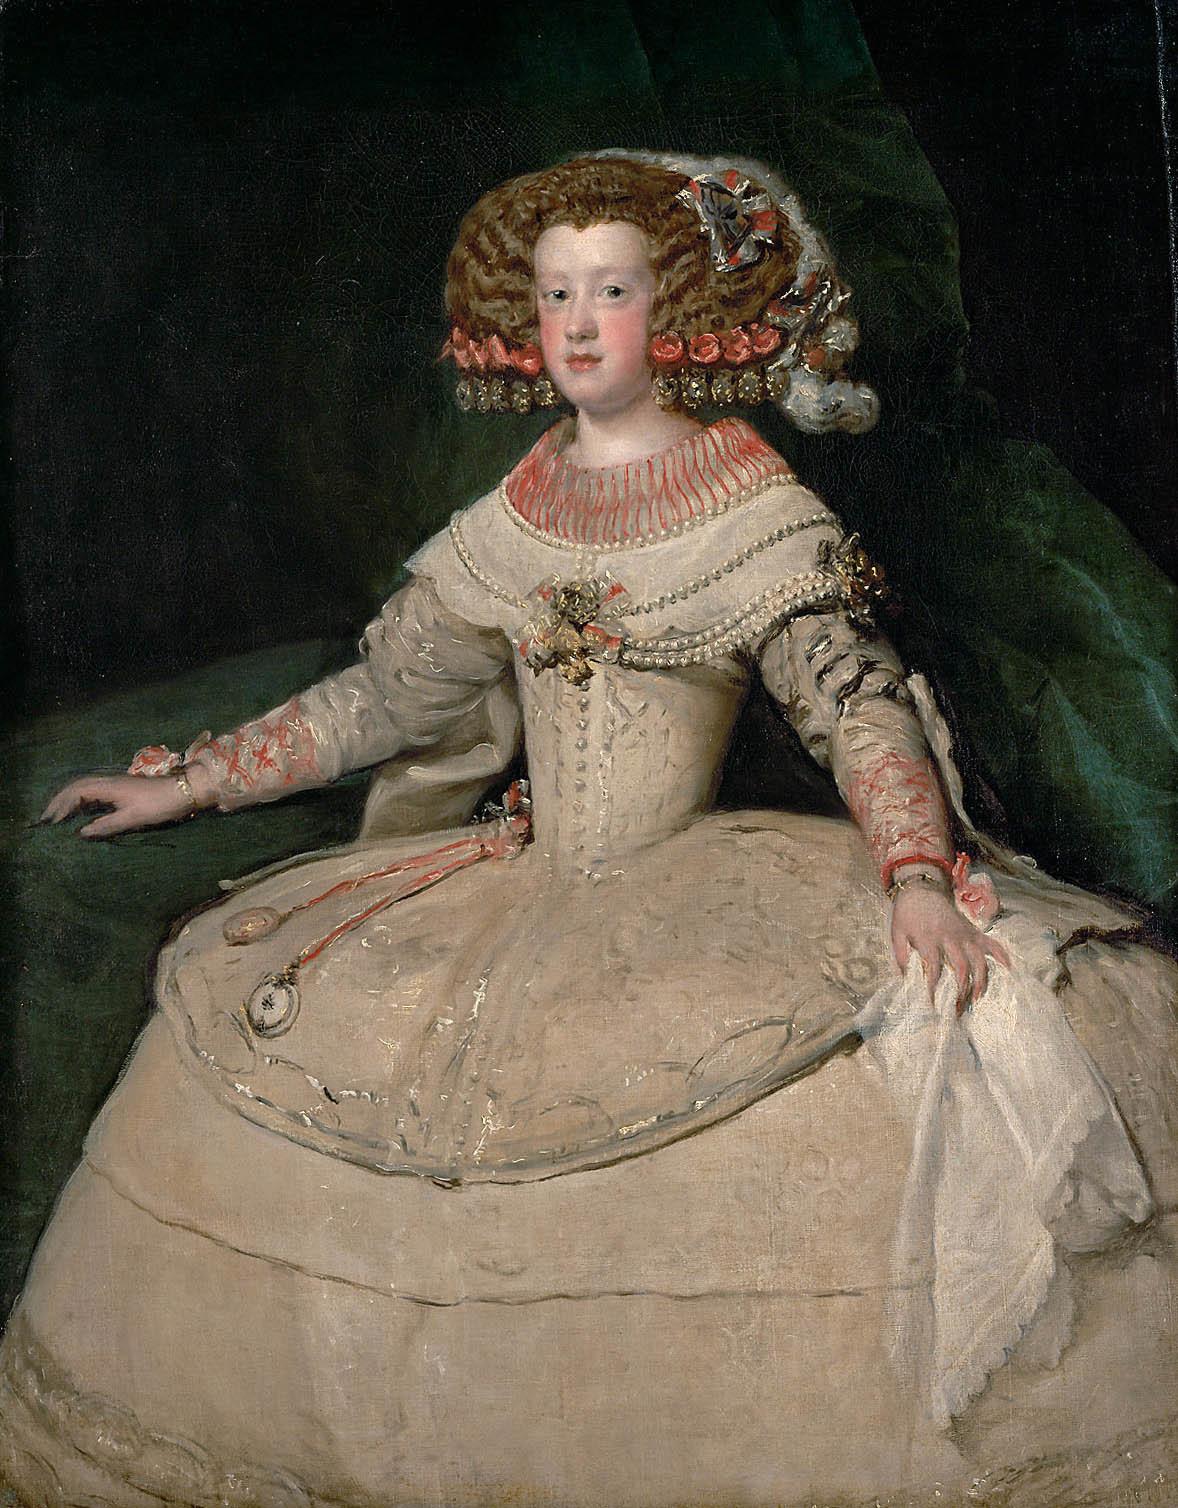 La infanta María Teresa de España - Wikipedia, la enciclopedia libre